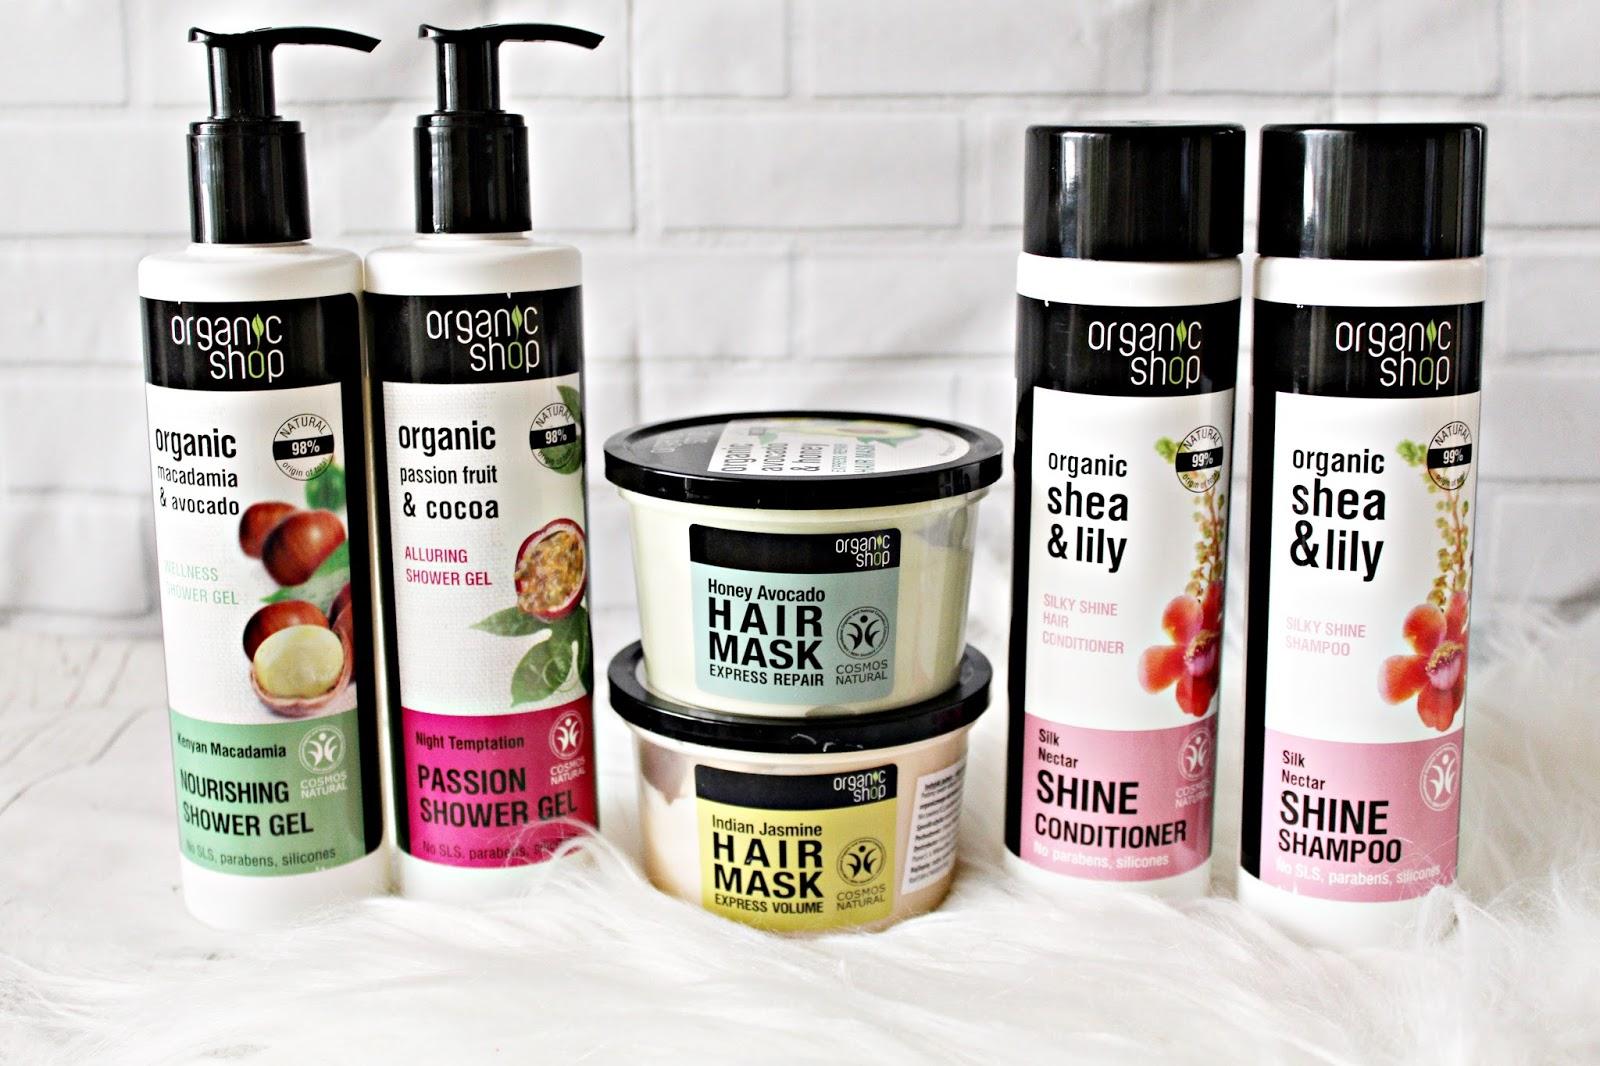 Zakupy w sklepie BIOGO / Pielęgnacja ciała i włosów z Organic Shop